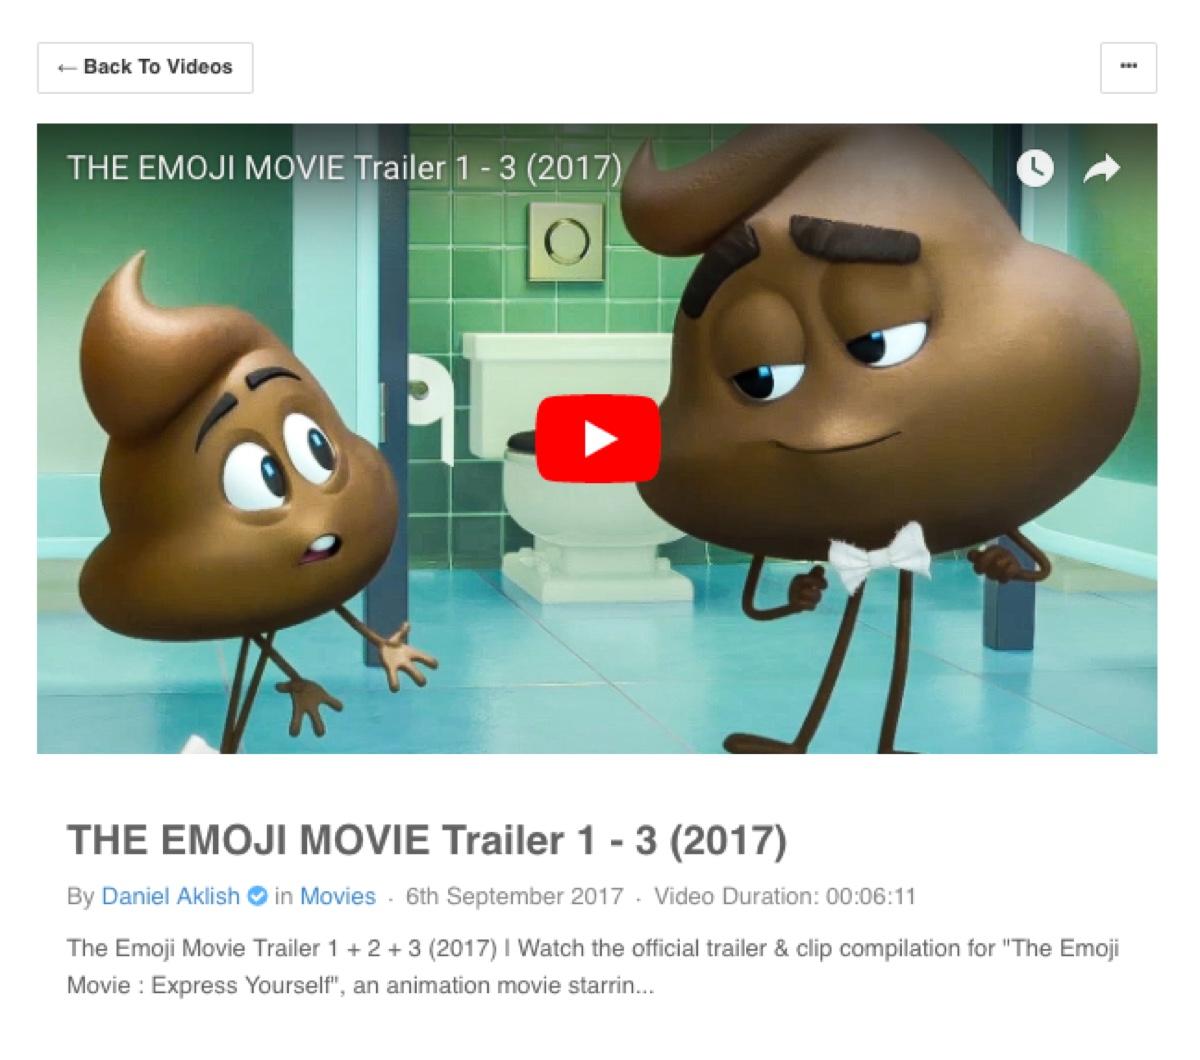 EasySocial - Video Intro